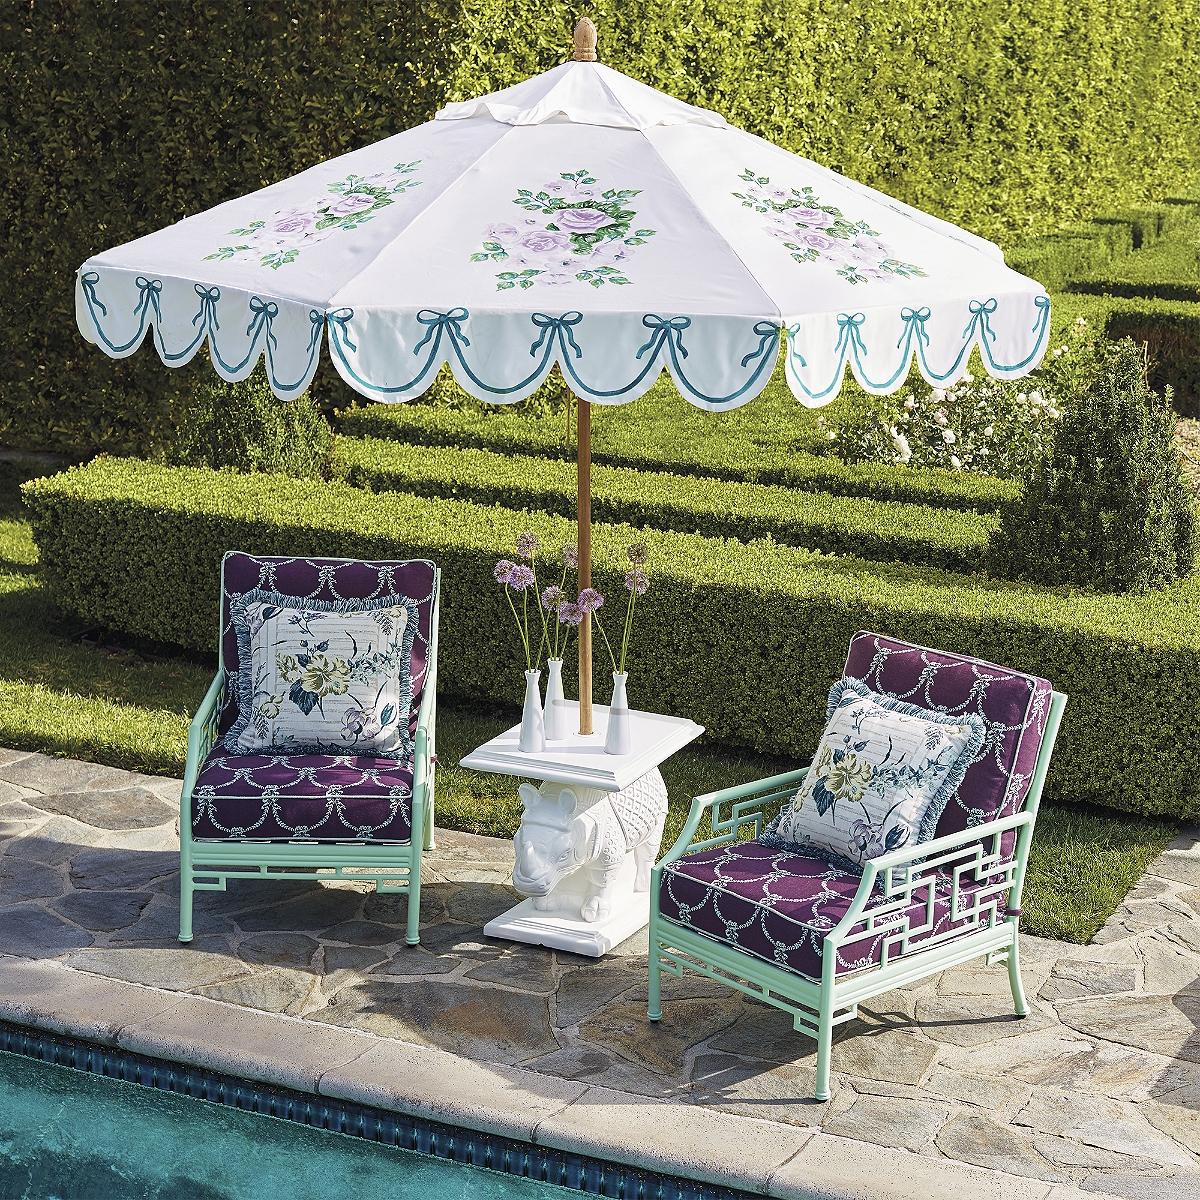 designer patio umbrellas yotrio designer series black cream stripe 9 ft crank tilt patio deck umbrella - Large Patio Umbrellas